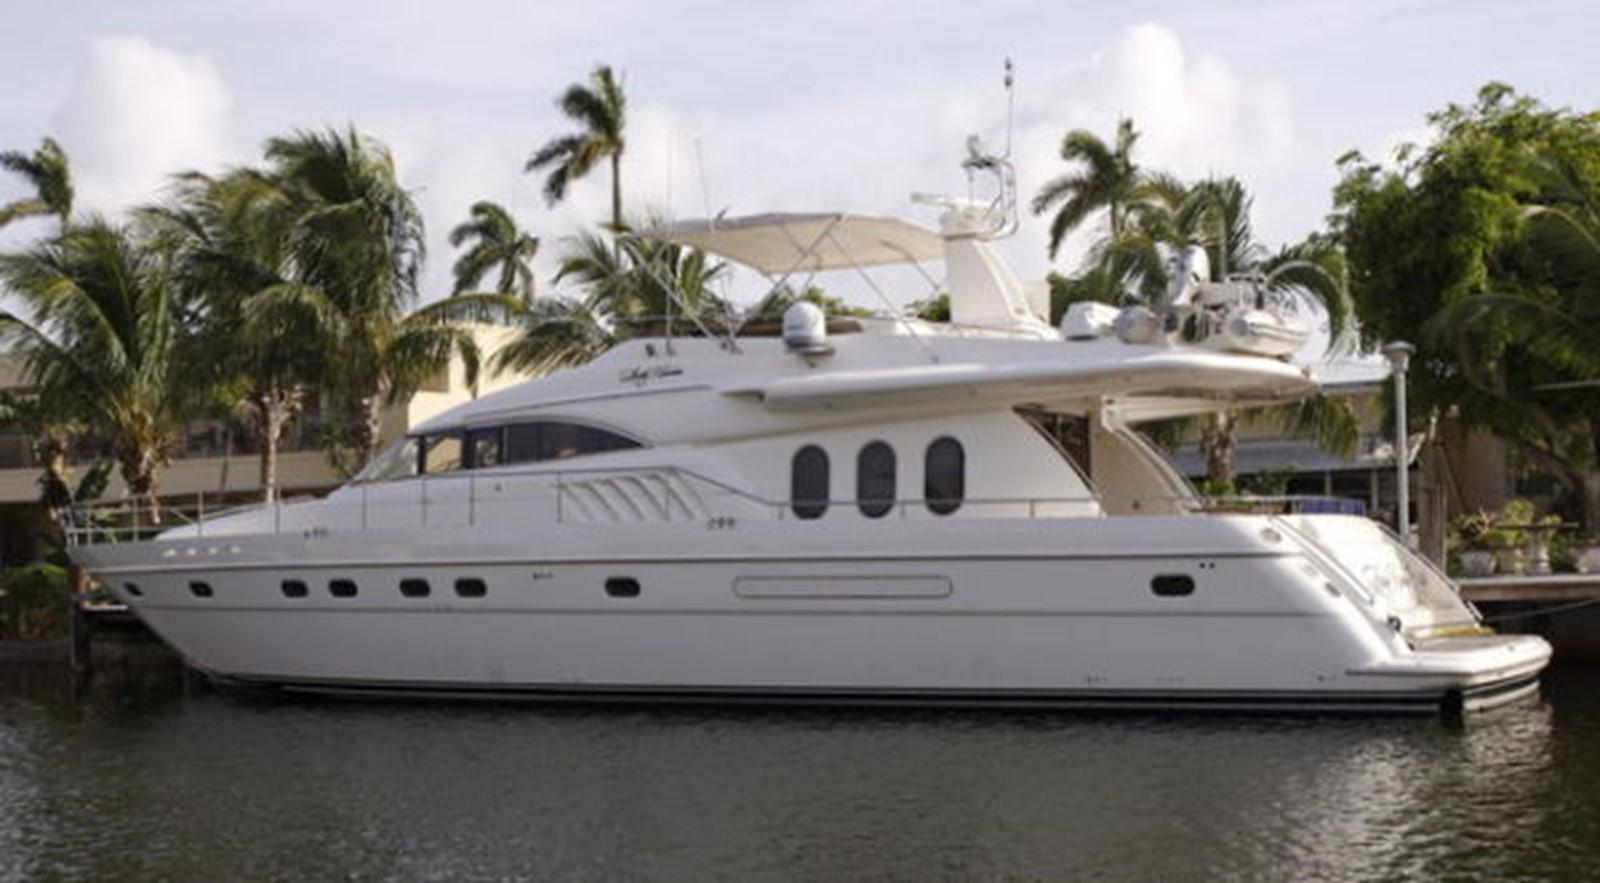 Sport Cruiser Viking Yachts 1999 Florida United States Lady Kariman Cruisair Marine Ac Wiring Diagram